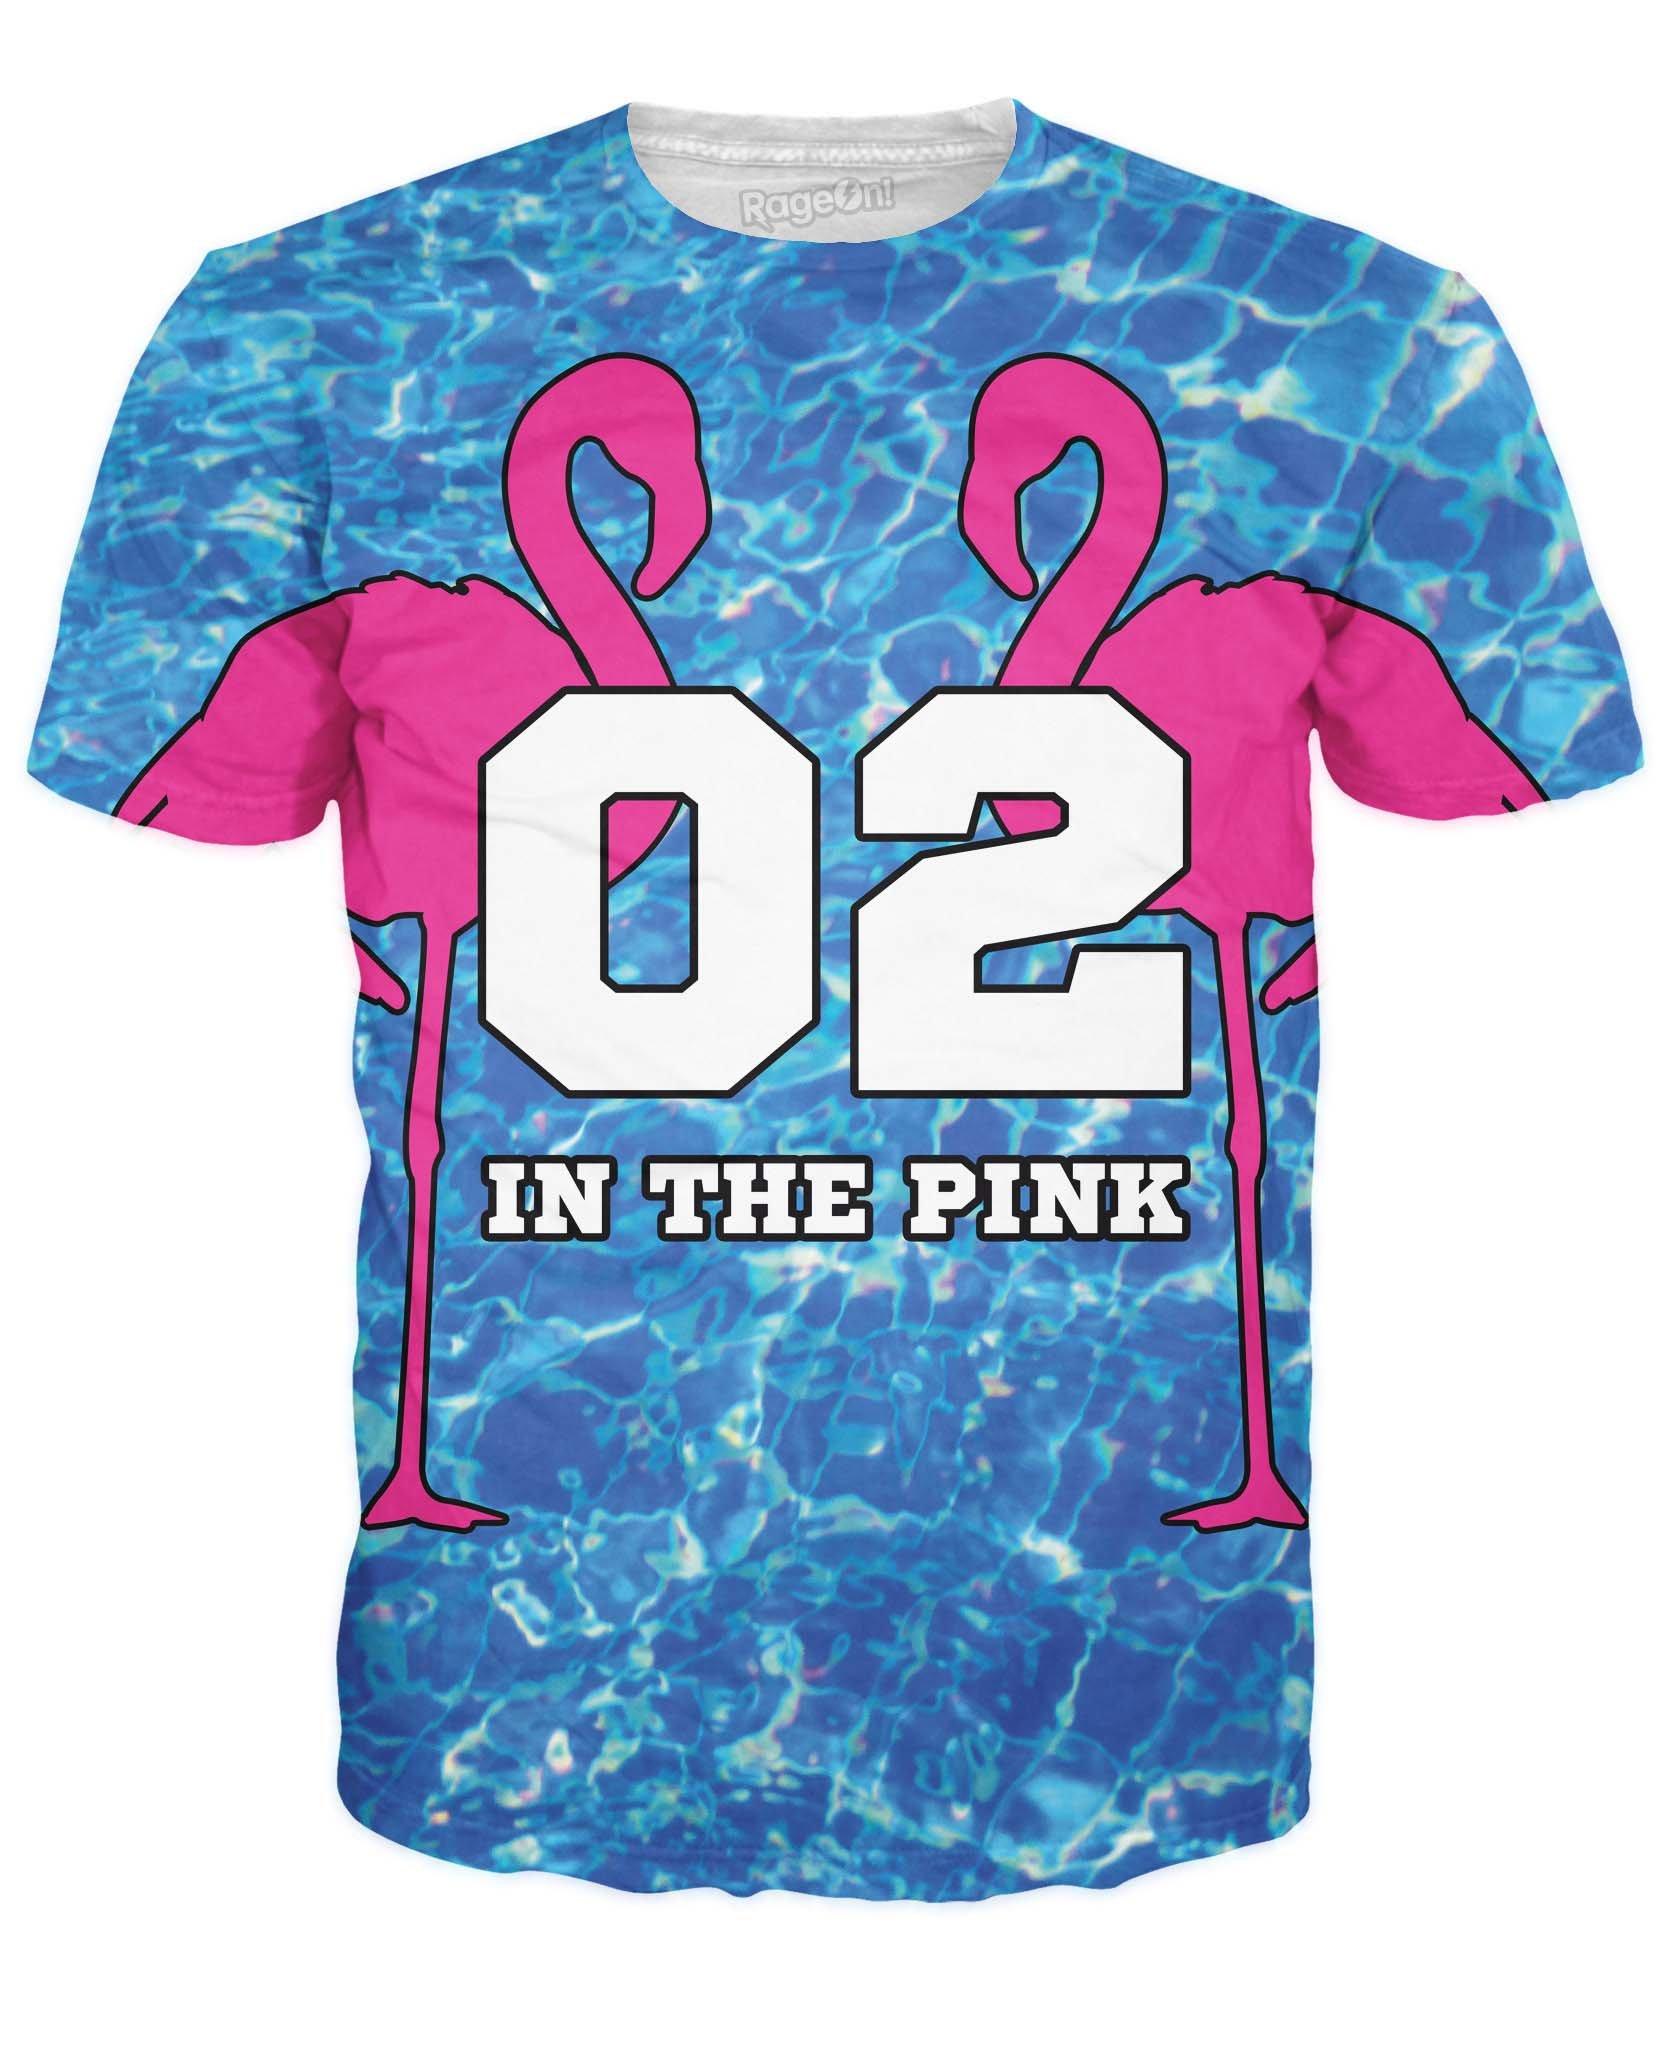 RageOn Men's 02 In The Pink T-Shirt